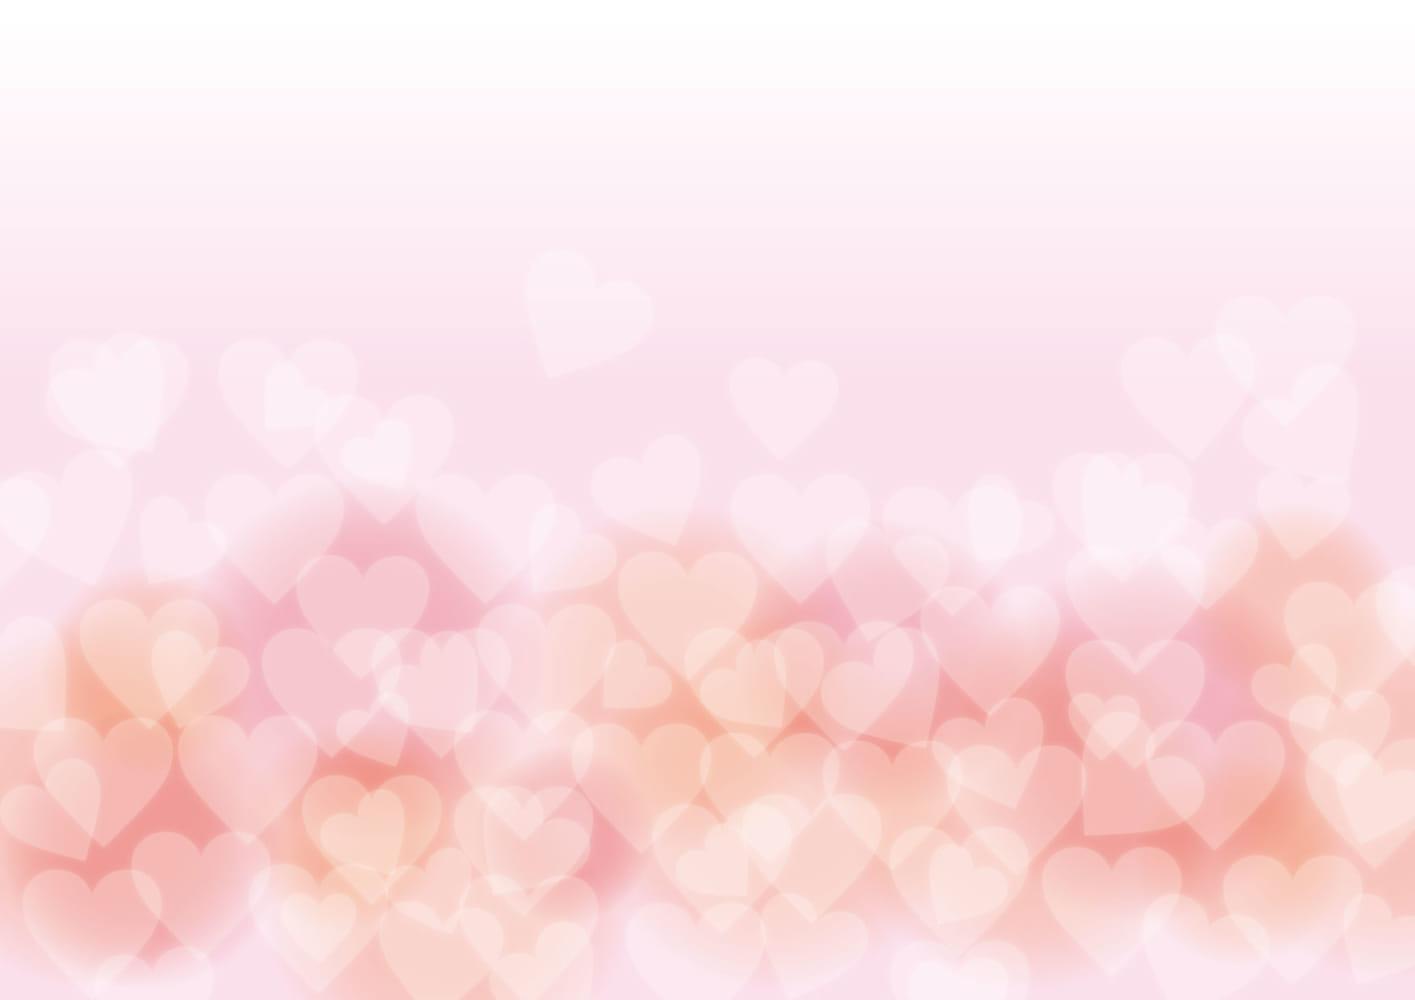 ピンク パワーポイント フリー 素材 背景 シンプル | www.thetupian